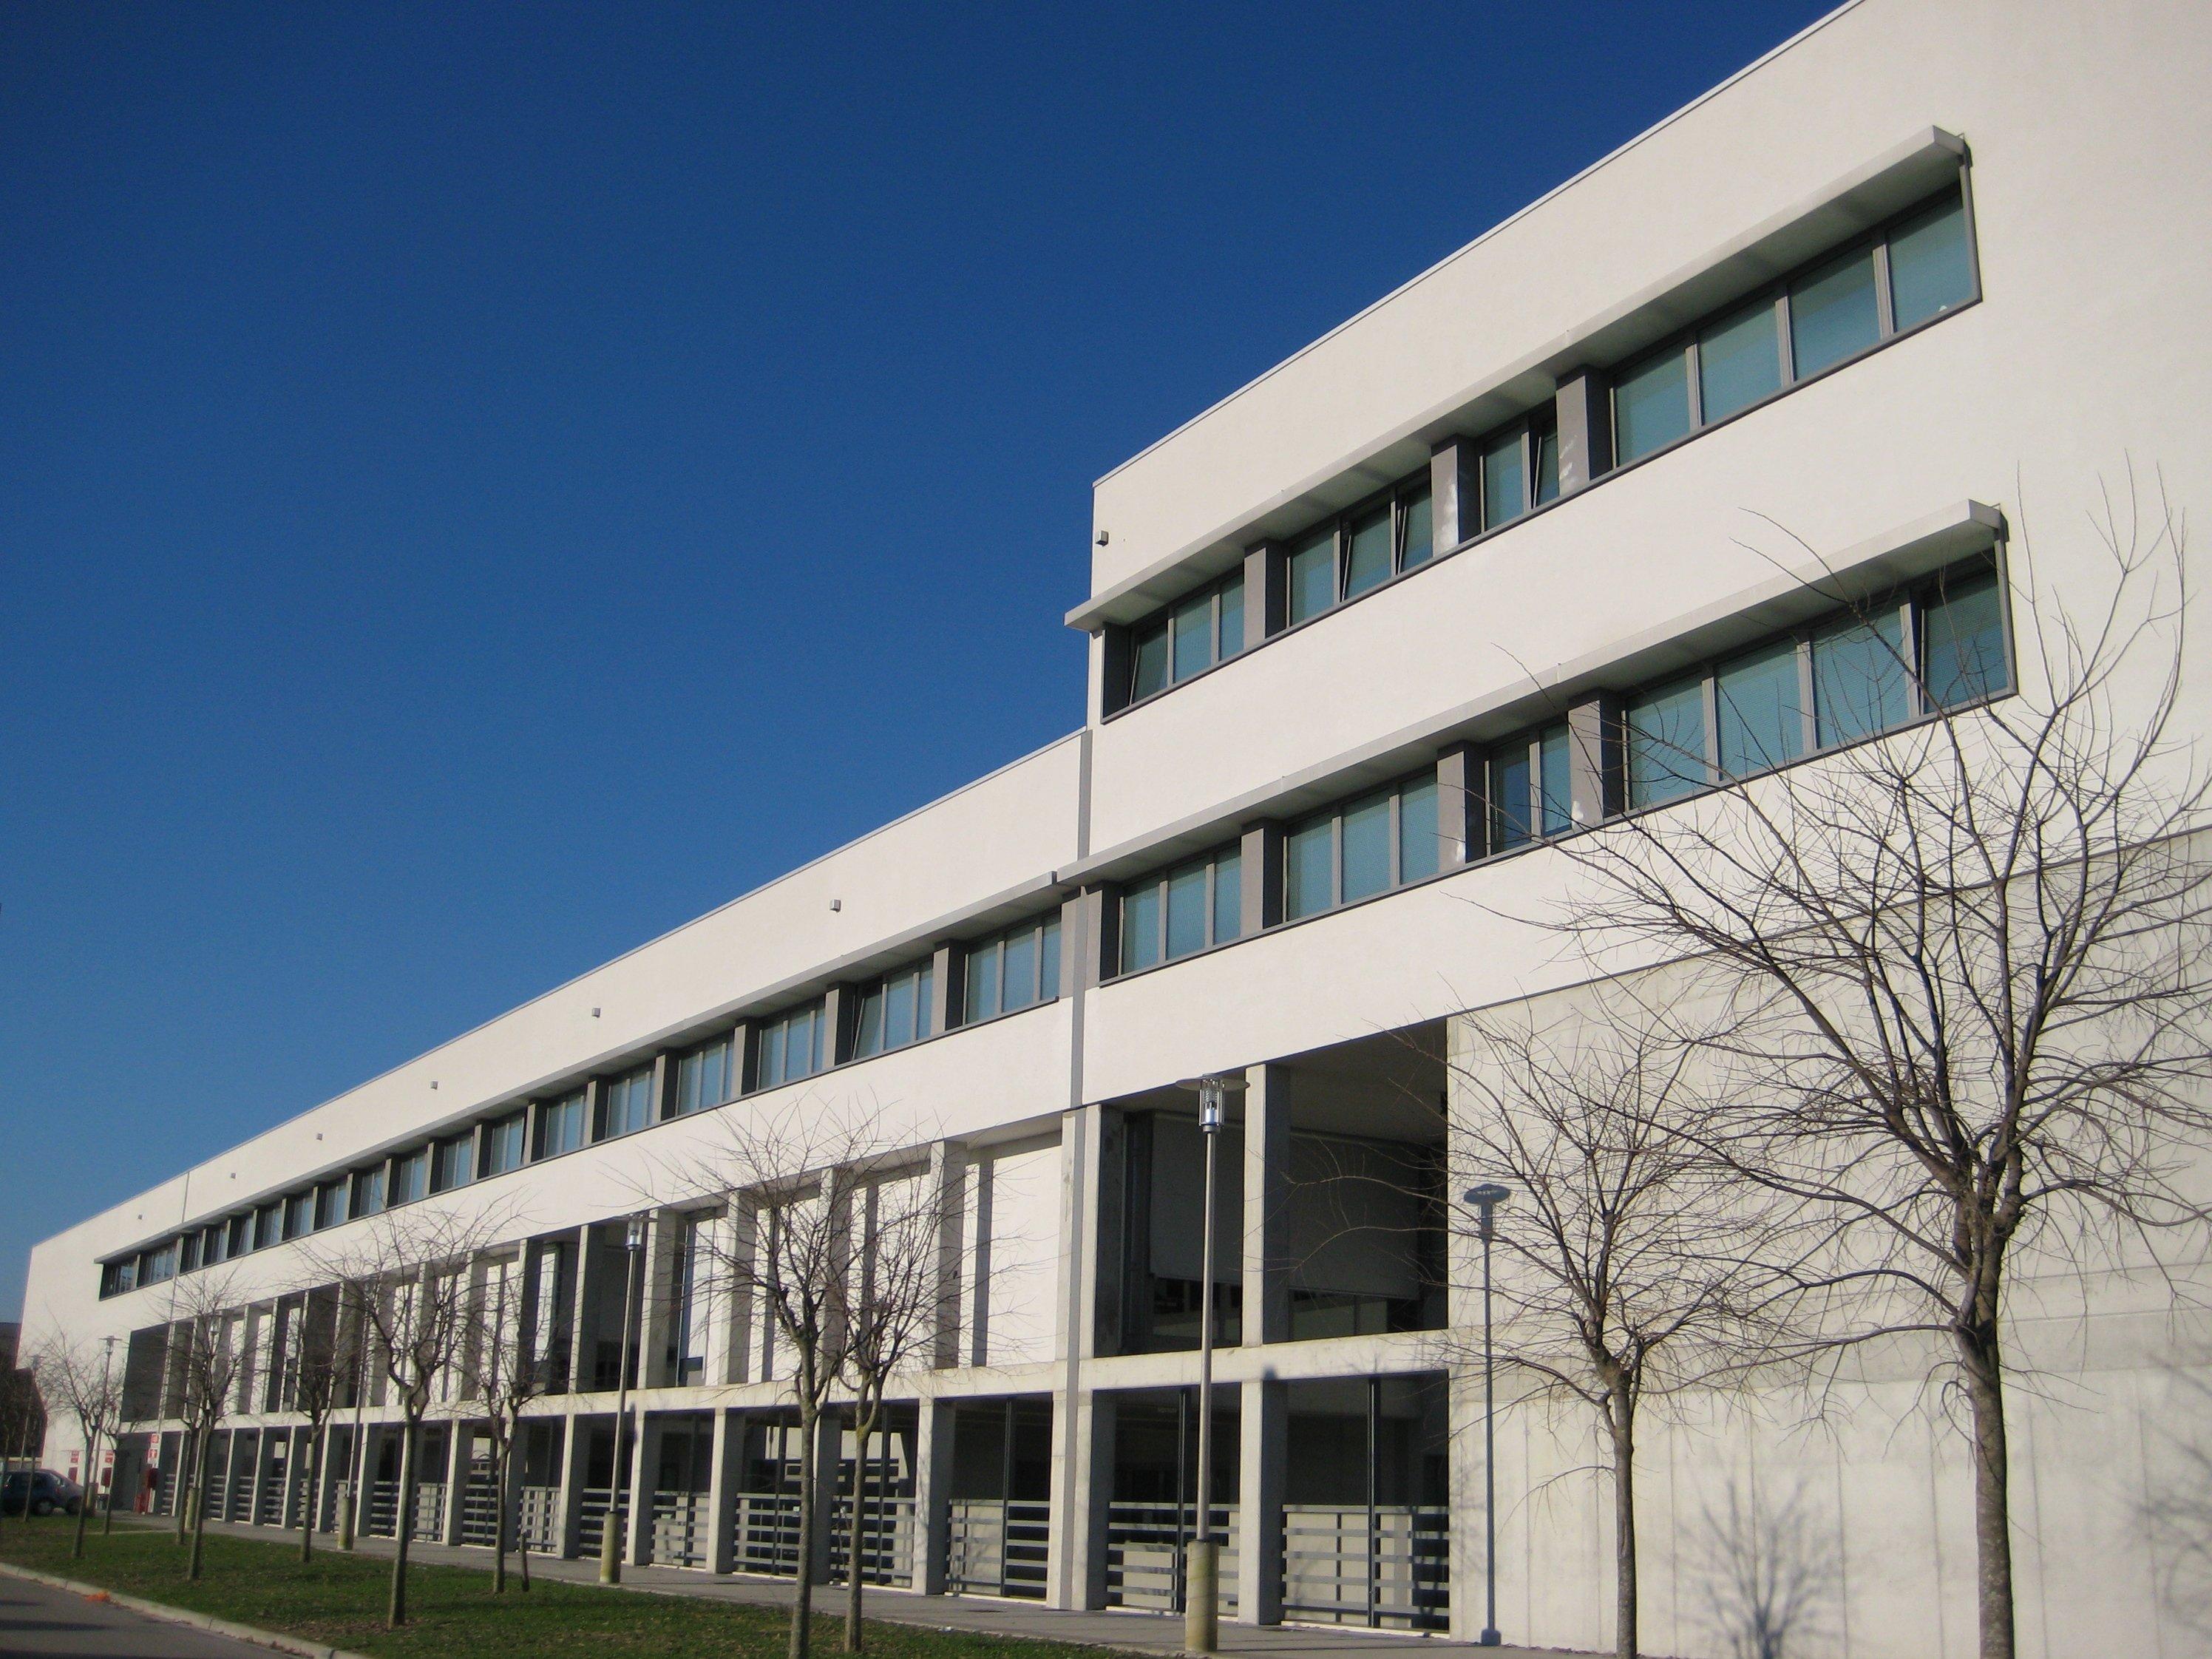 Istituto Marco Fanno - Conegliano (TV